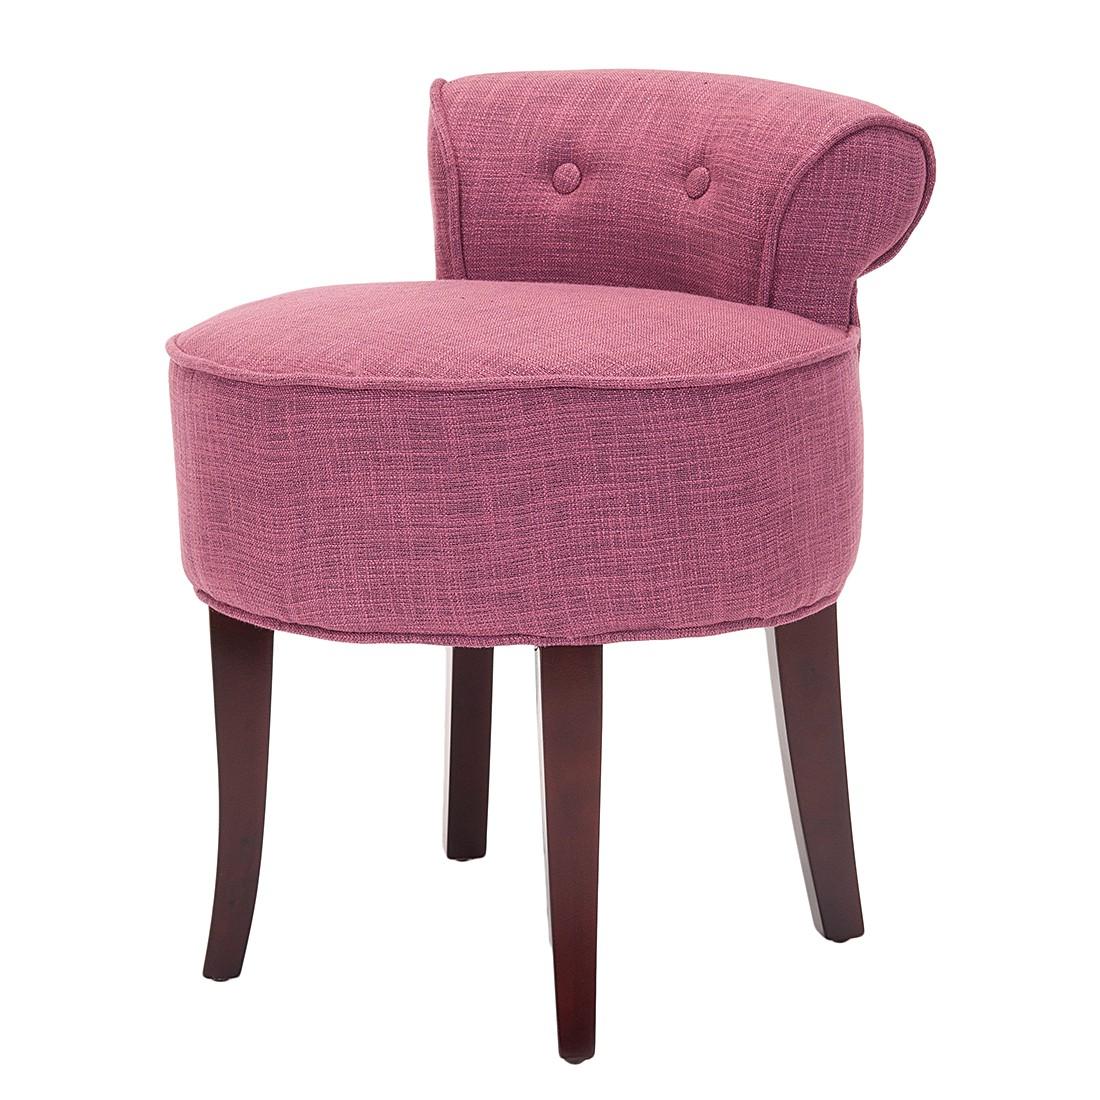 polsterstuhl preisvergleich die besten angebote online. Black Bedroom Furniture Sets. Home Design Ideas